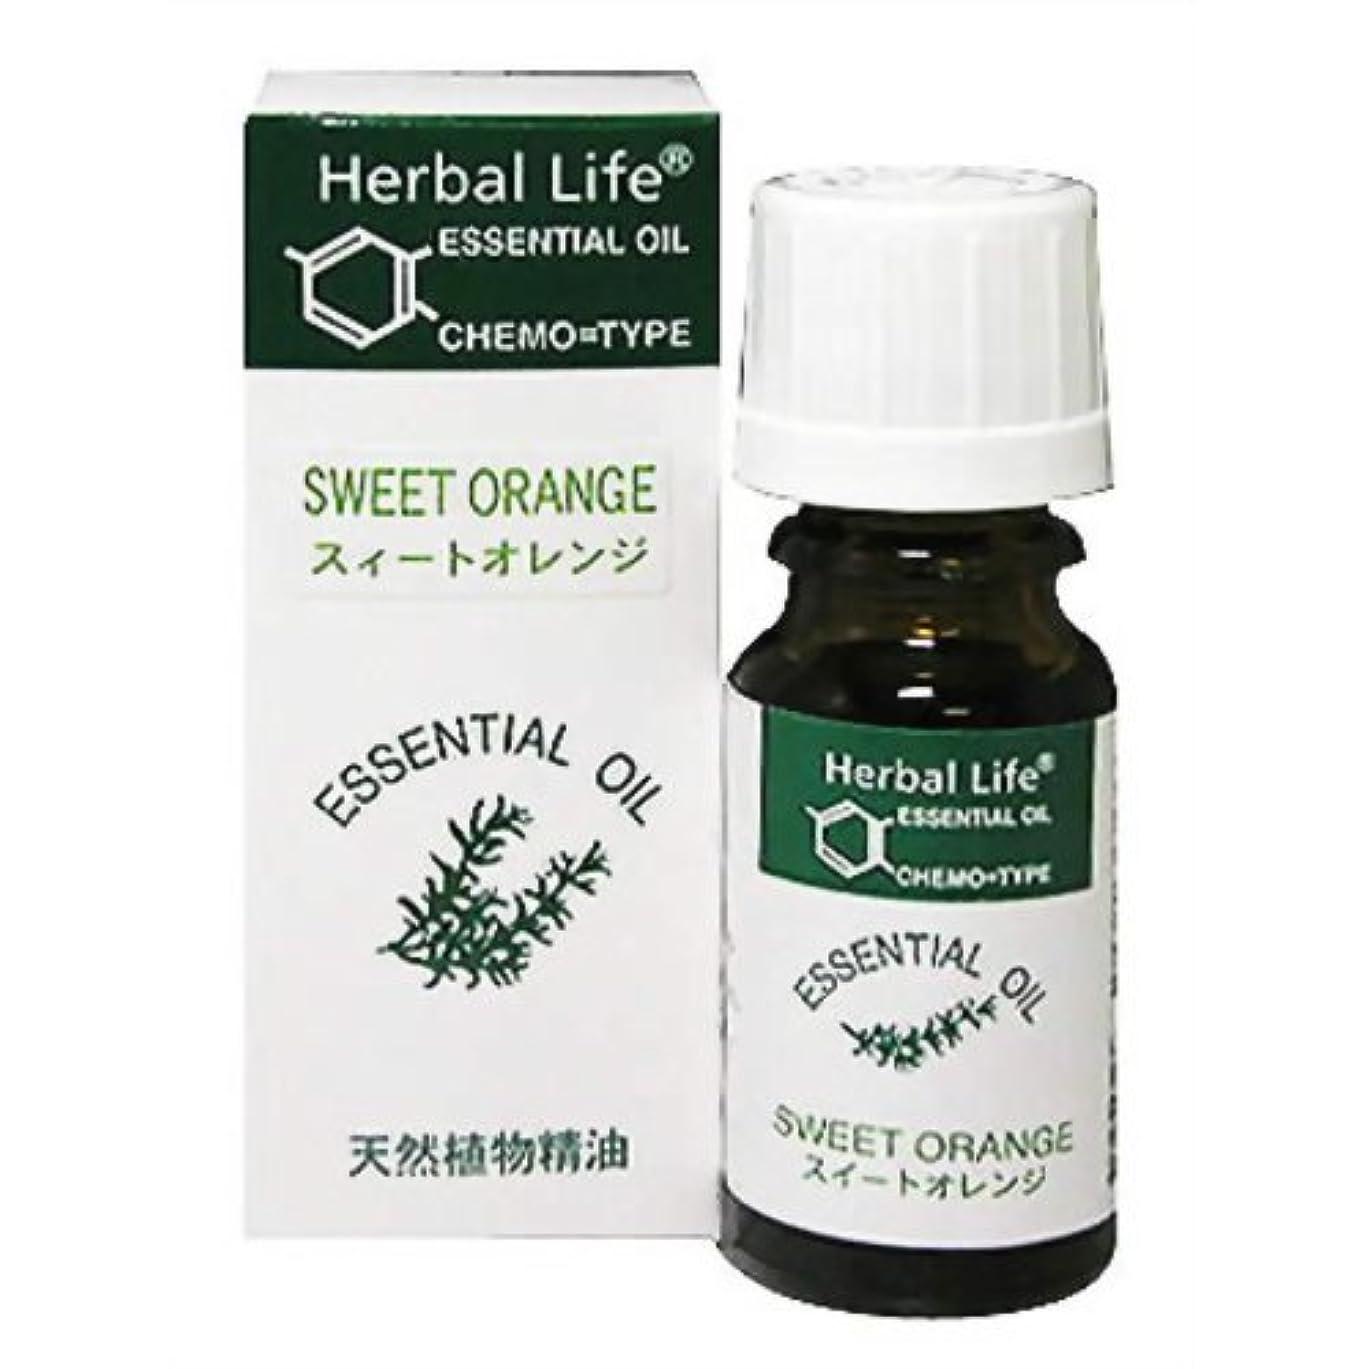 作詞家怒りましい生活の木 Herbal Life スィートオレンジ 10ml